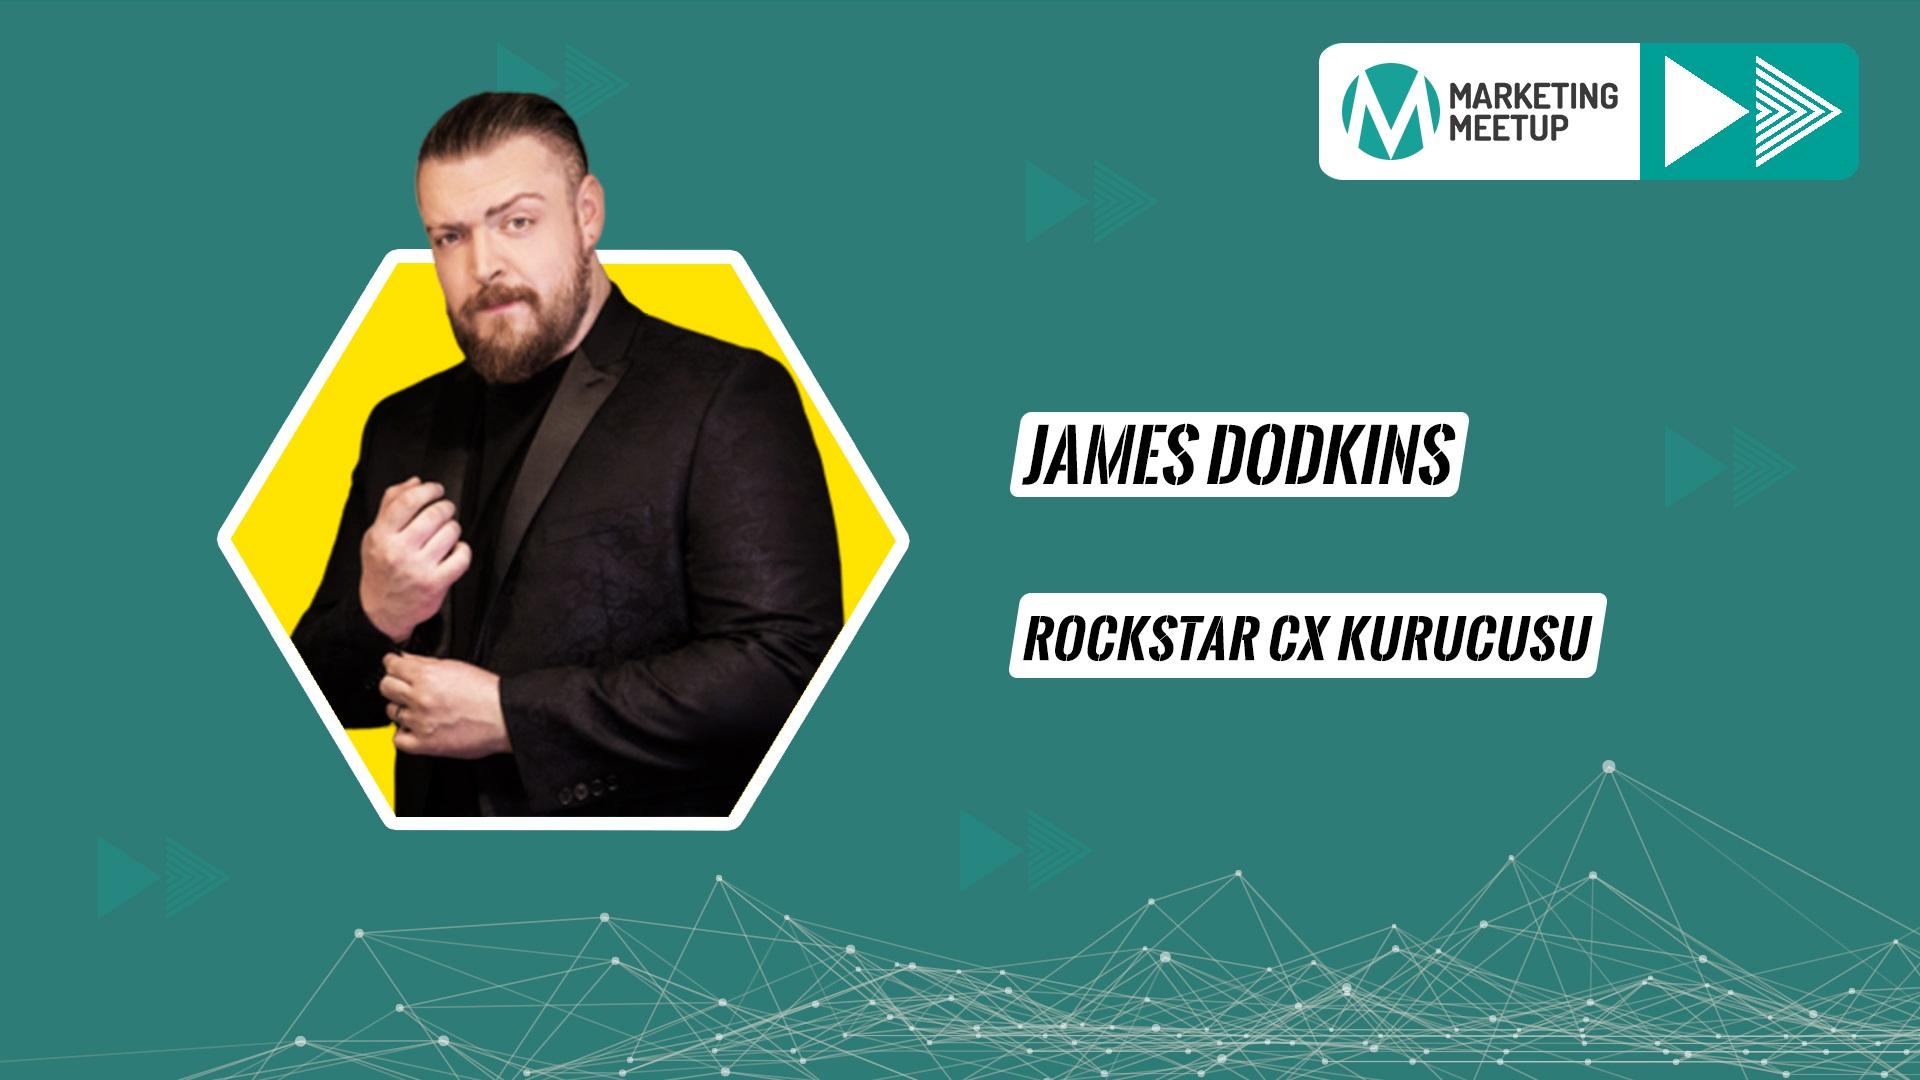 Marketing Meetup'a Bir Yeni Konuşmacı Daha: James Dodkins